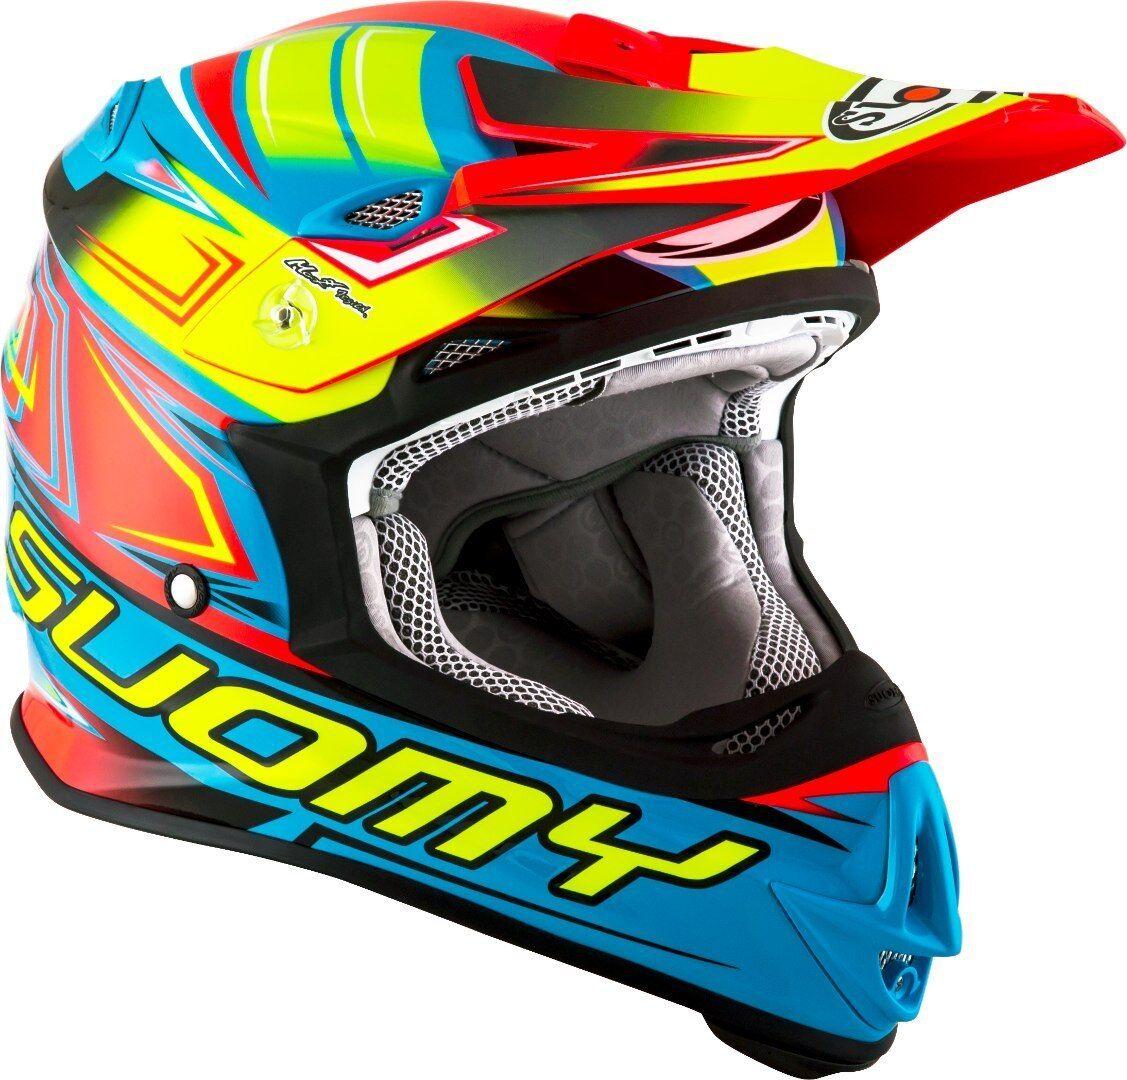 Suomy MR Jump Start Casque de motocross Rose Bleu taille : 2XL